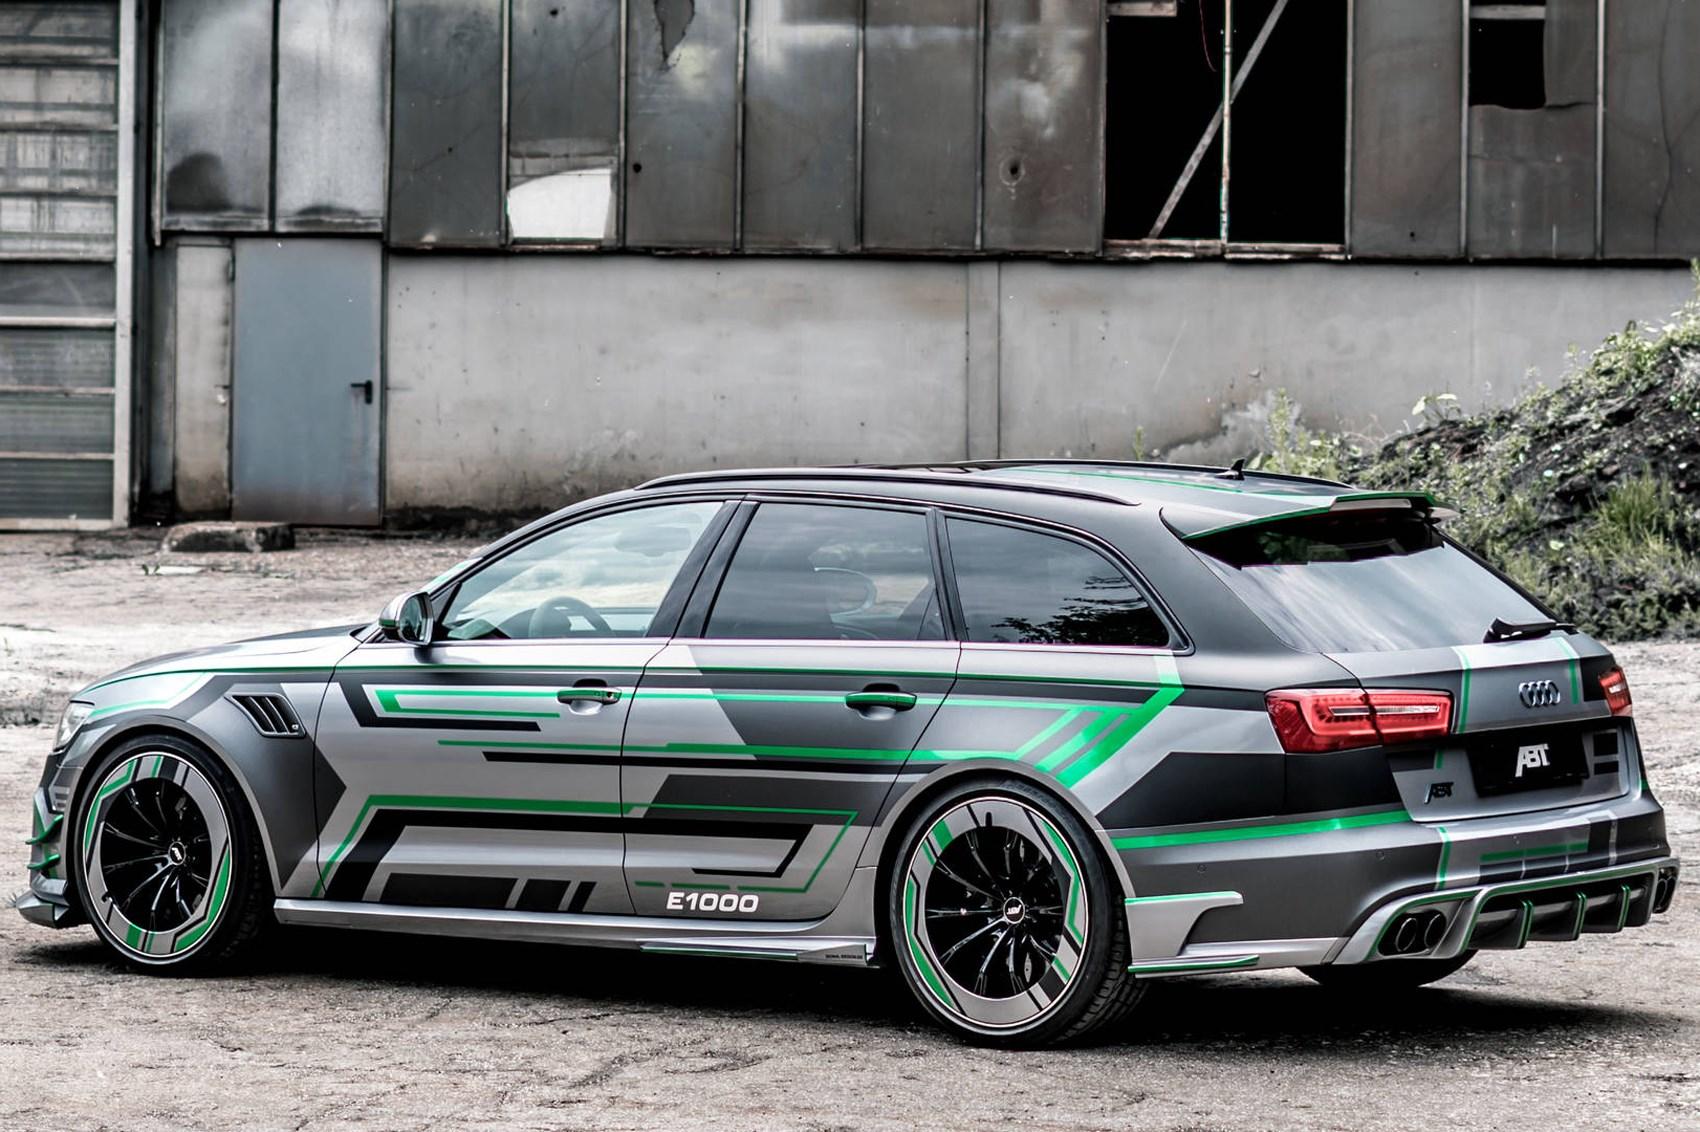 Kelebihan Kekurangan Audi 1000 Top Model Tahun Ini